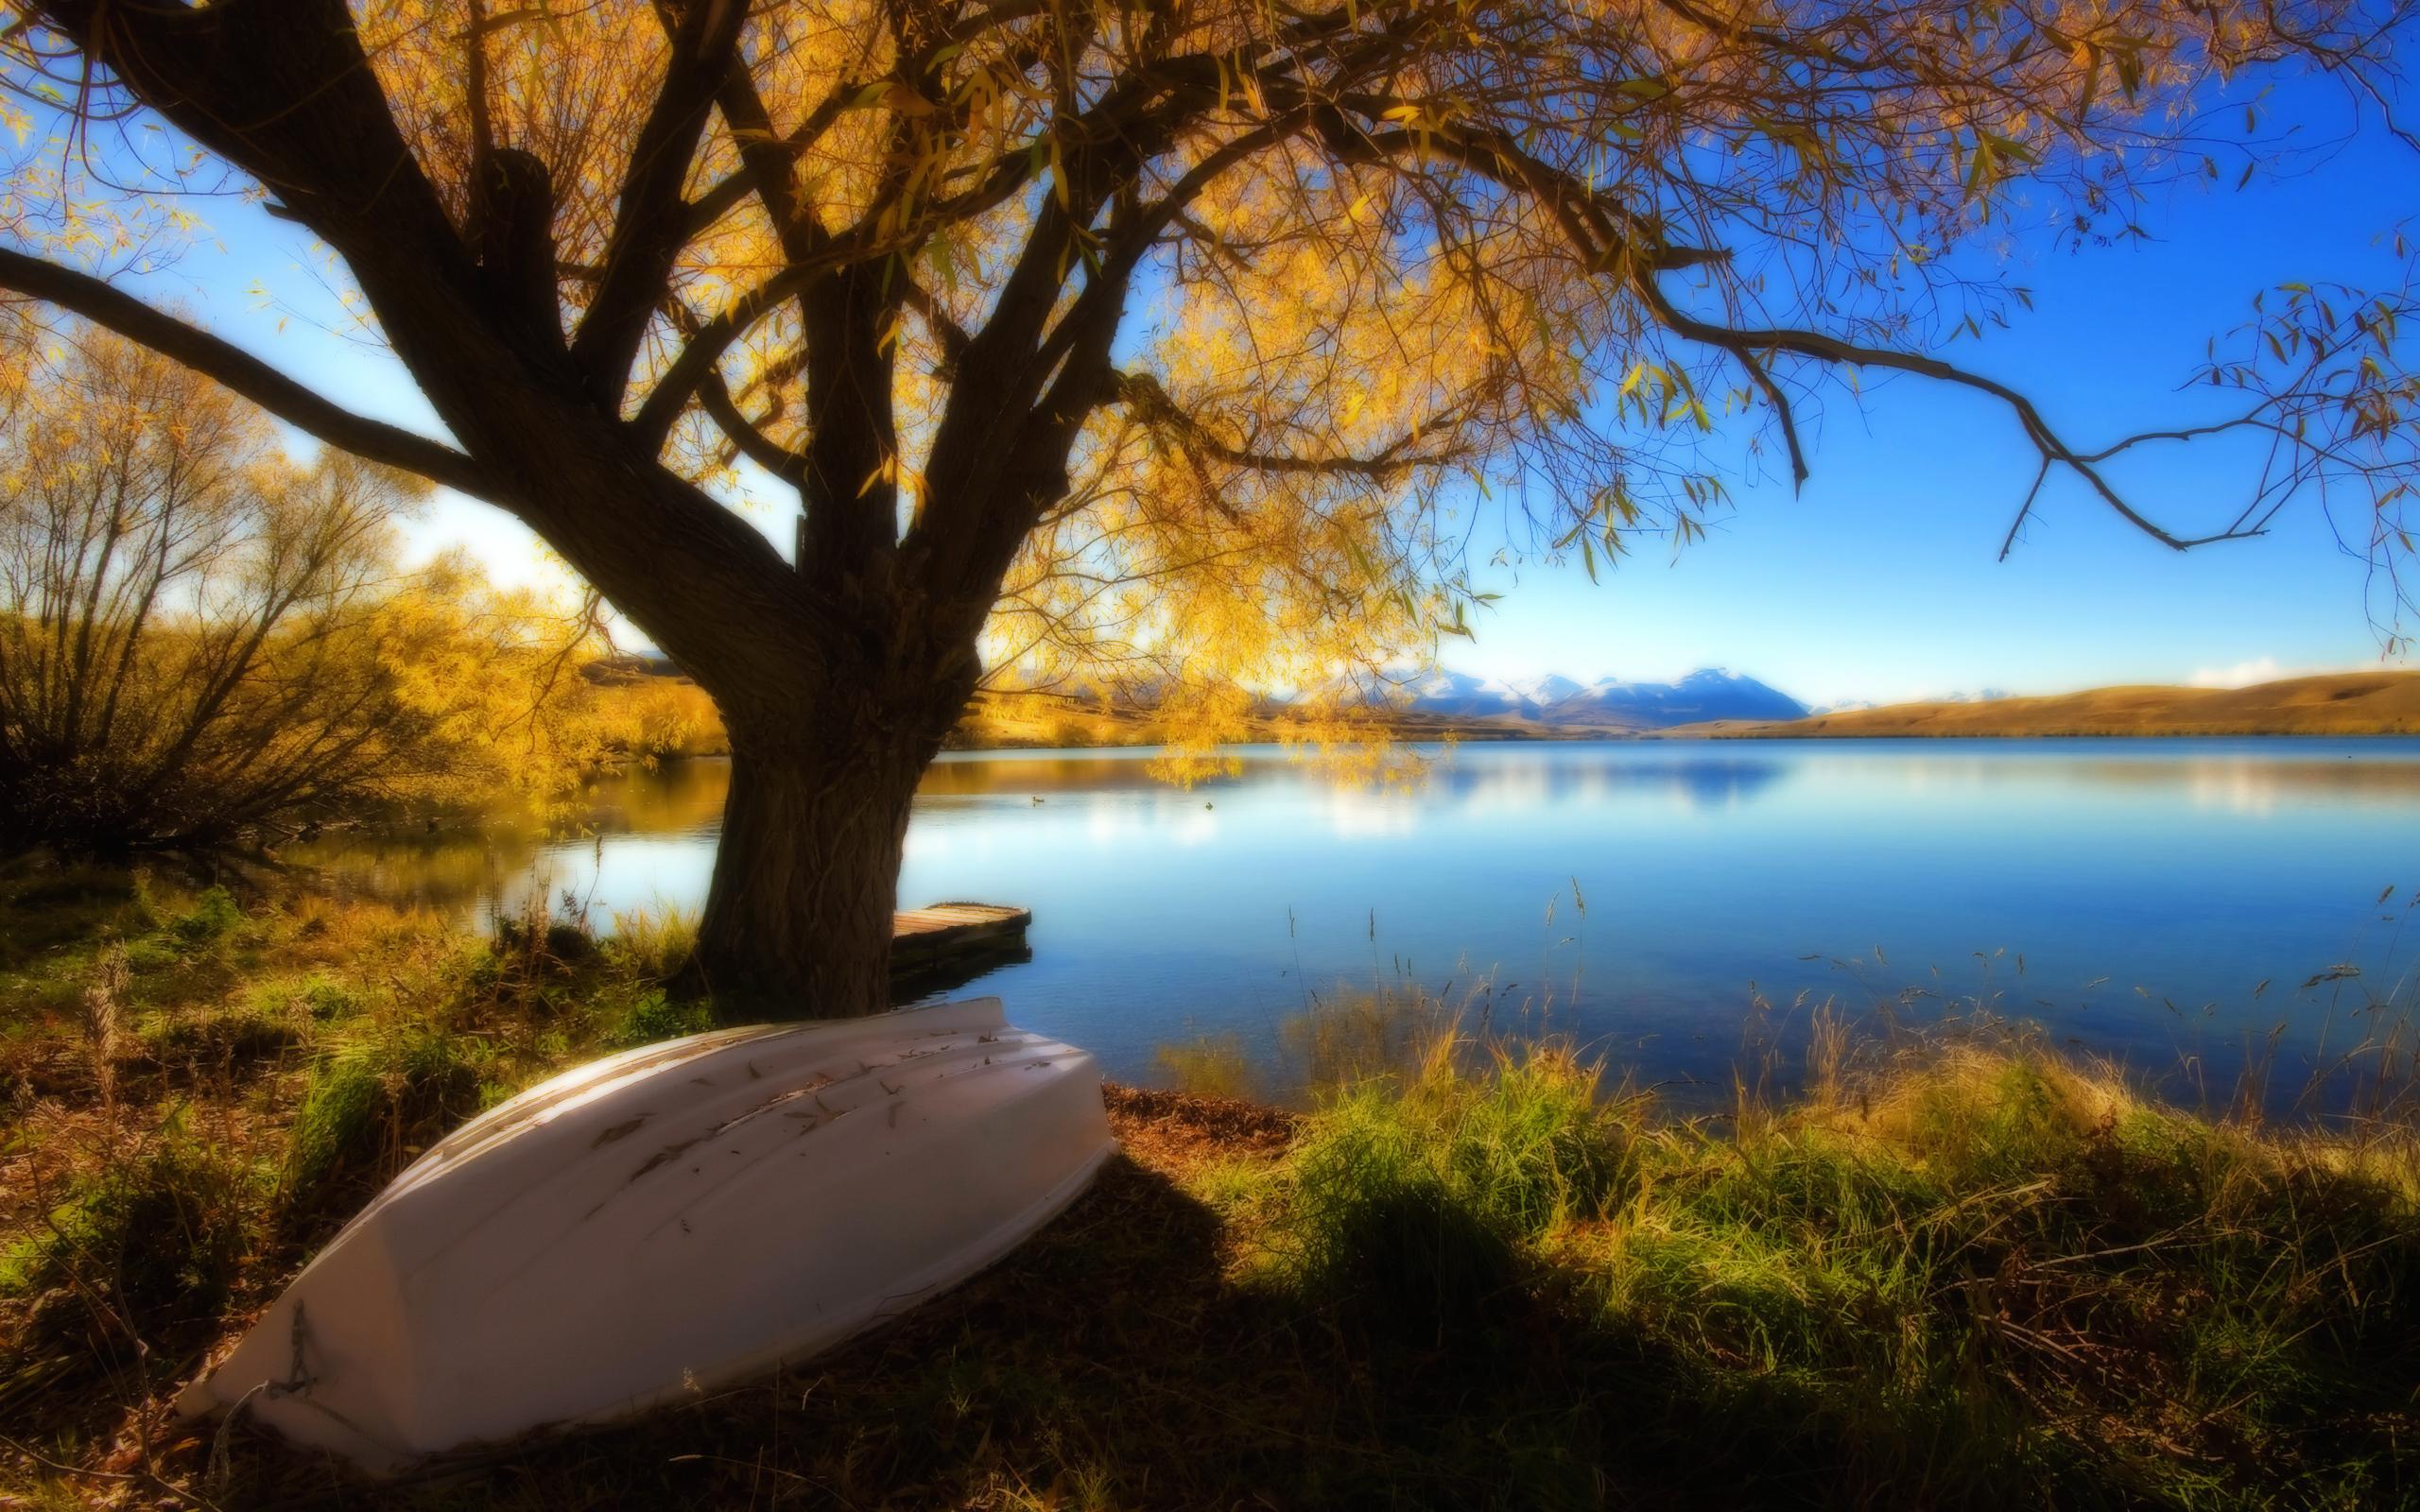 лодка в золотую осень без смс